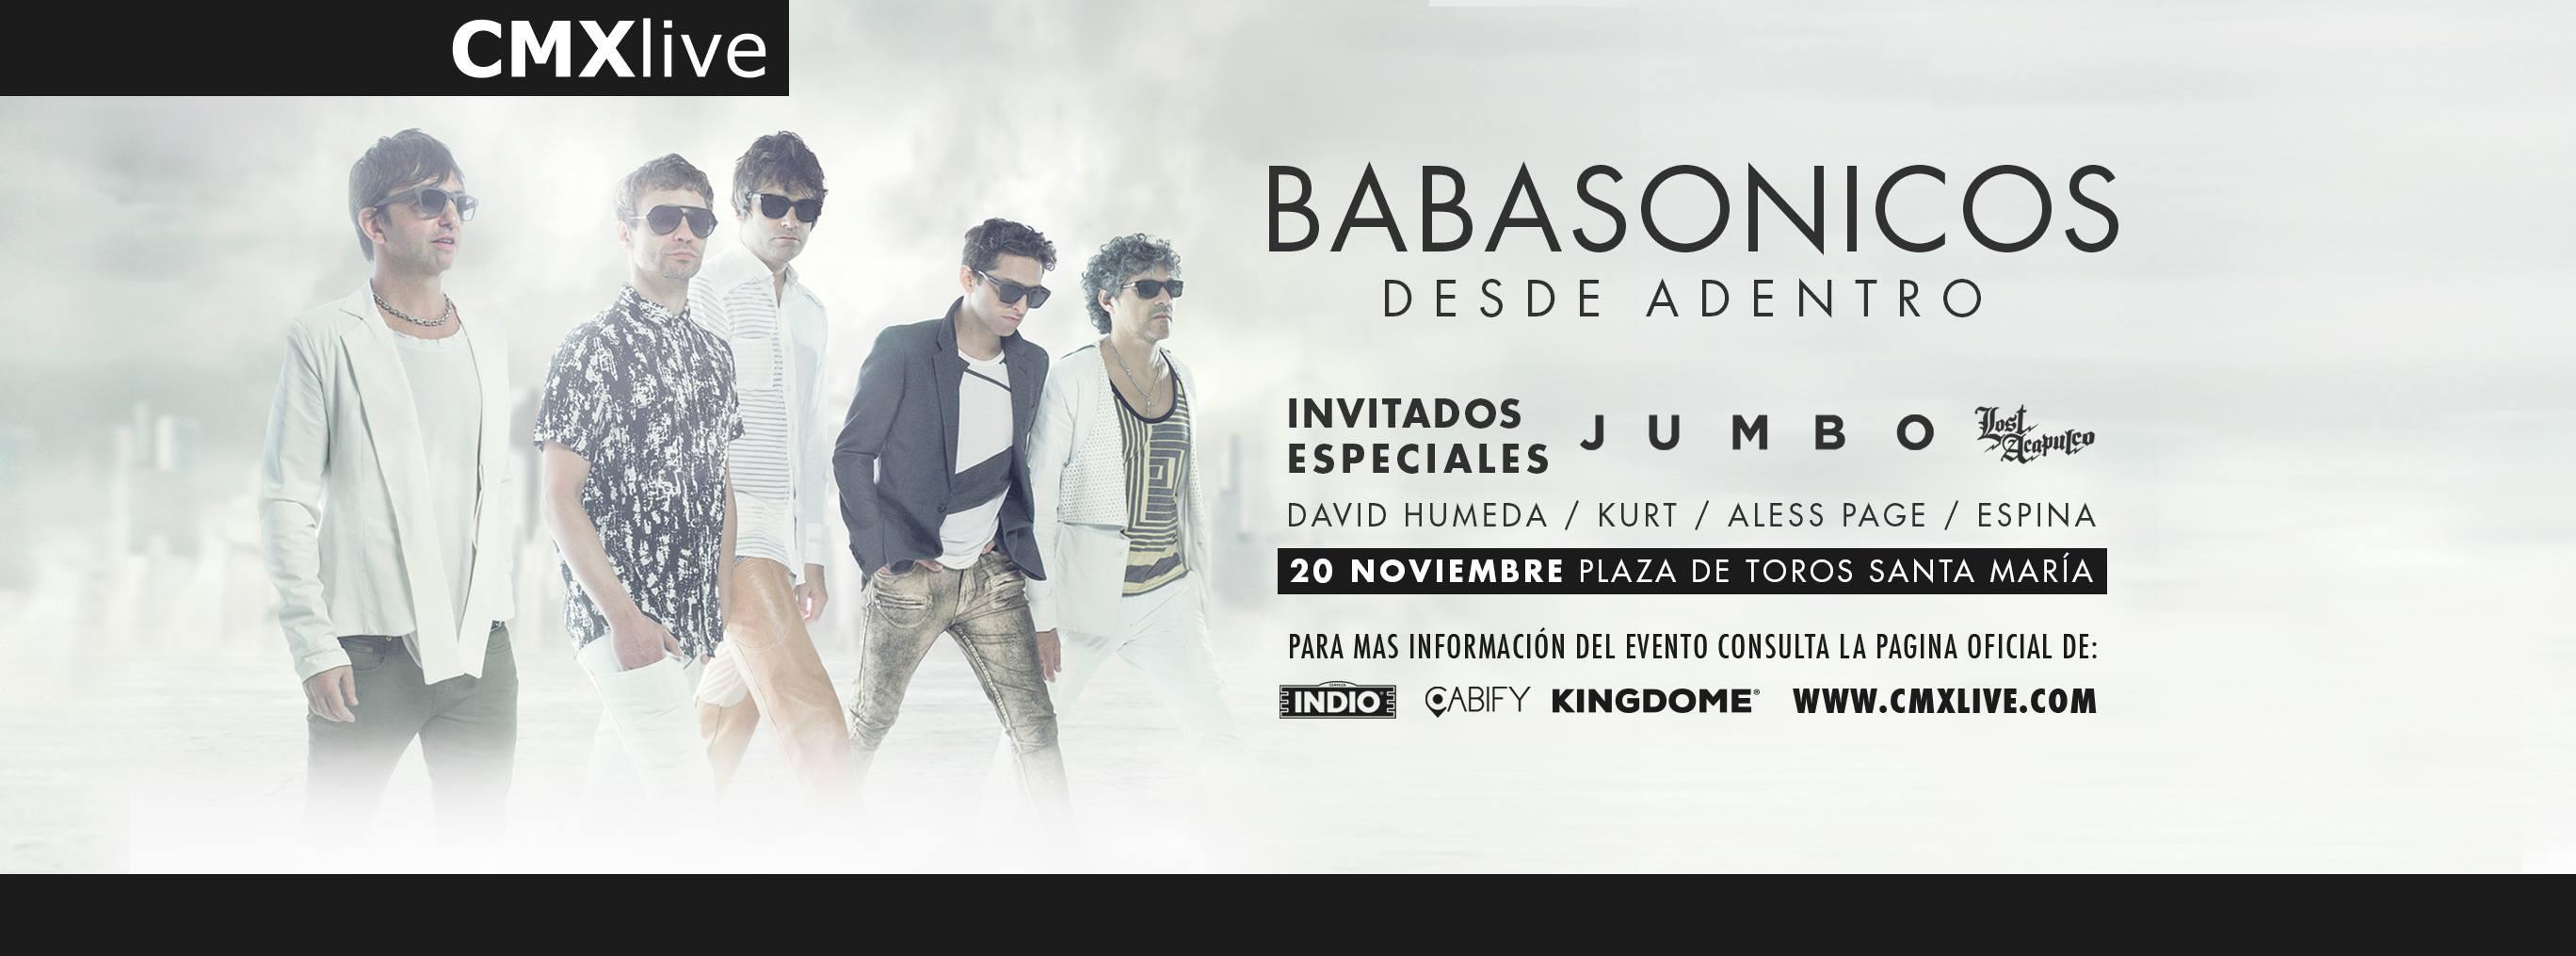 Habrá invitados como Lost Acapulco y Jumbo este próximo 20 de noviembre en la Plaza de Toros, Querétaro, México.